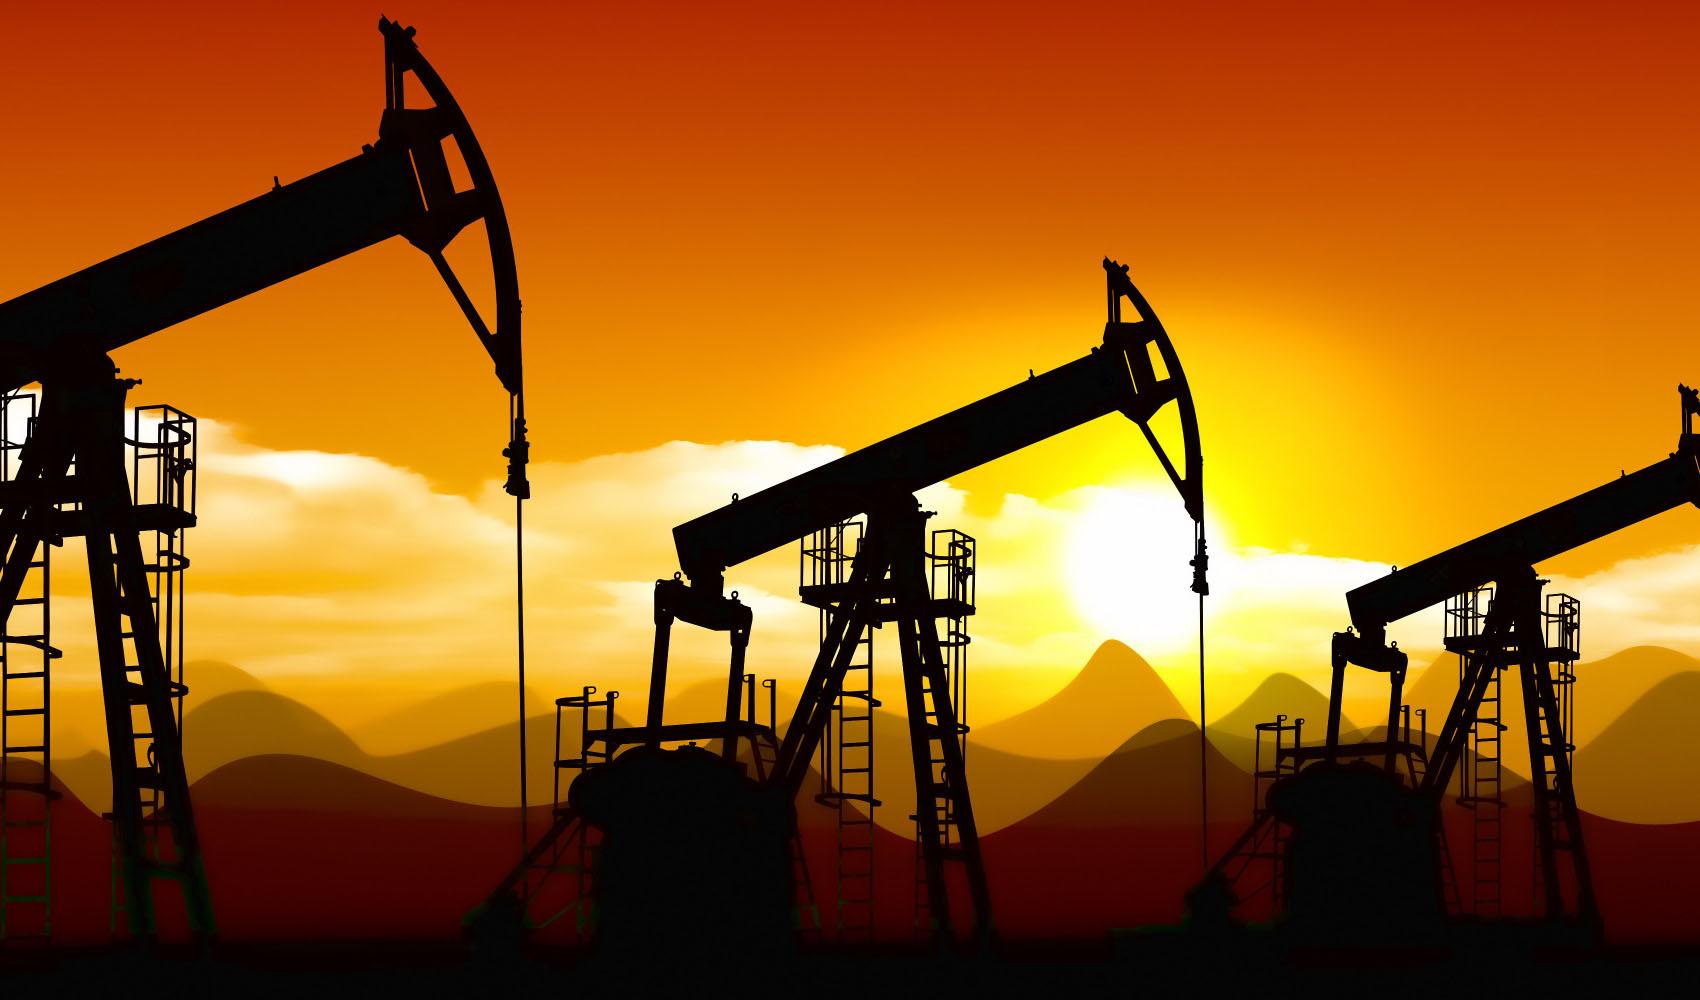 قیمت نفت برای سومین روز کاهش یافت